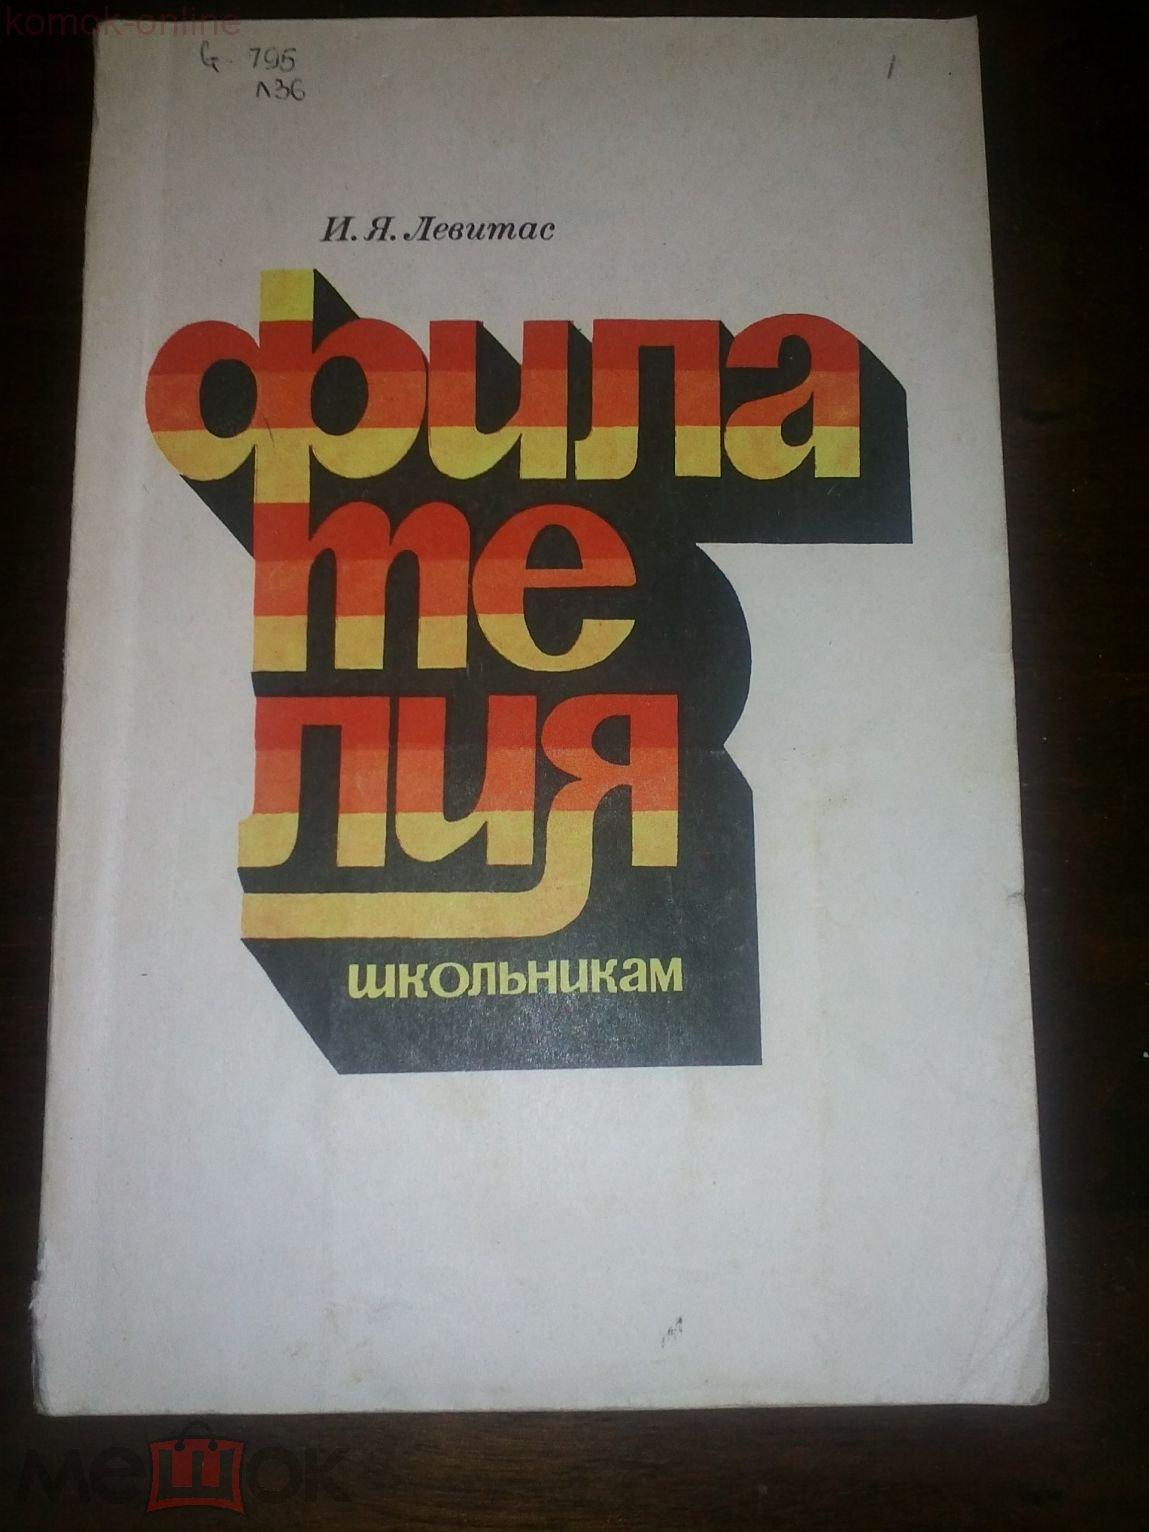 Левитас И. Я. Филателия школьникам. 1976